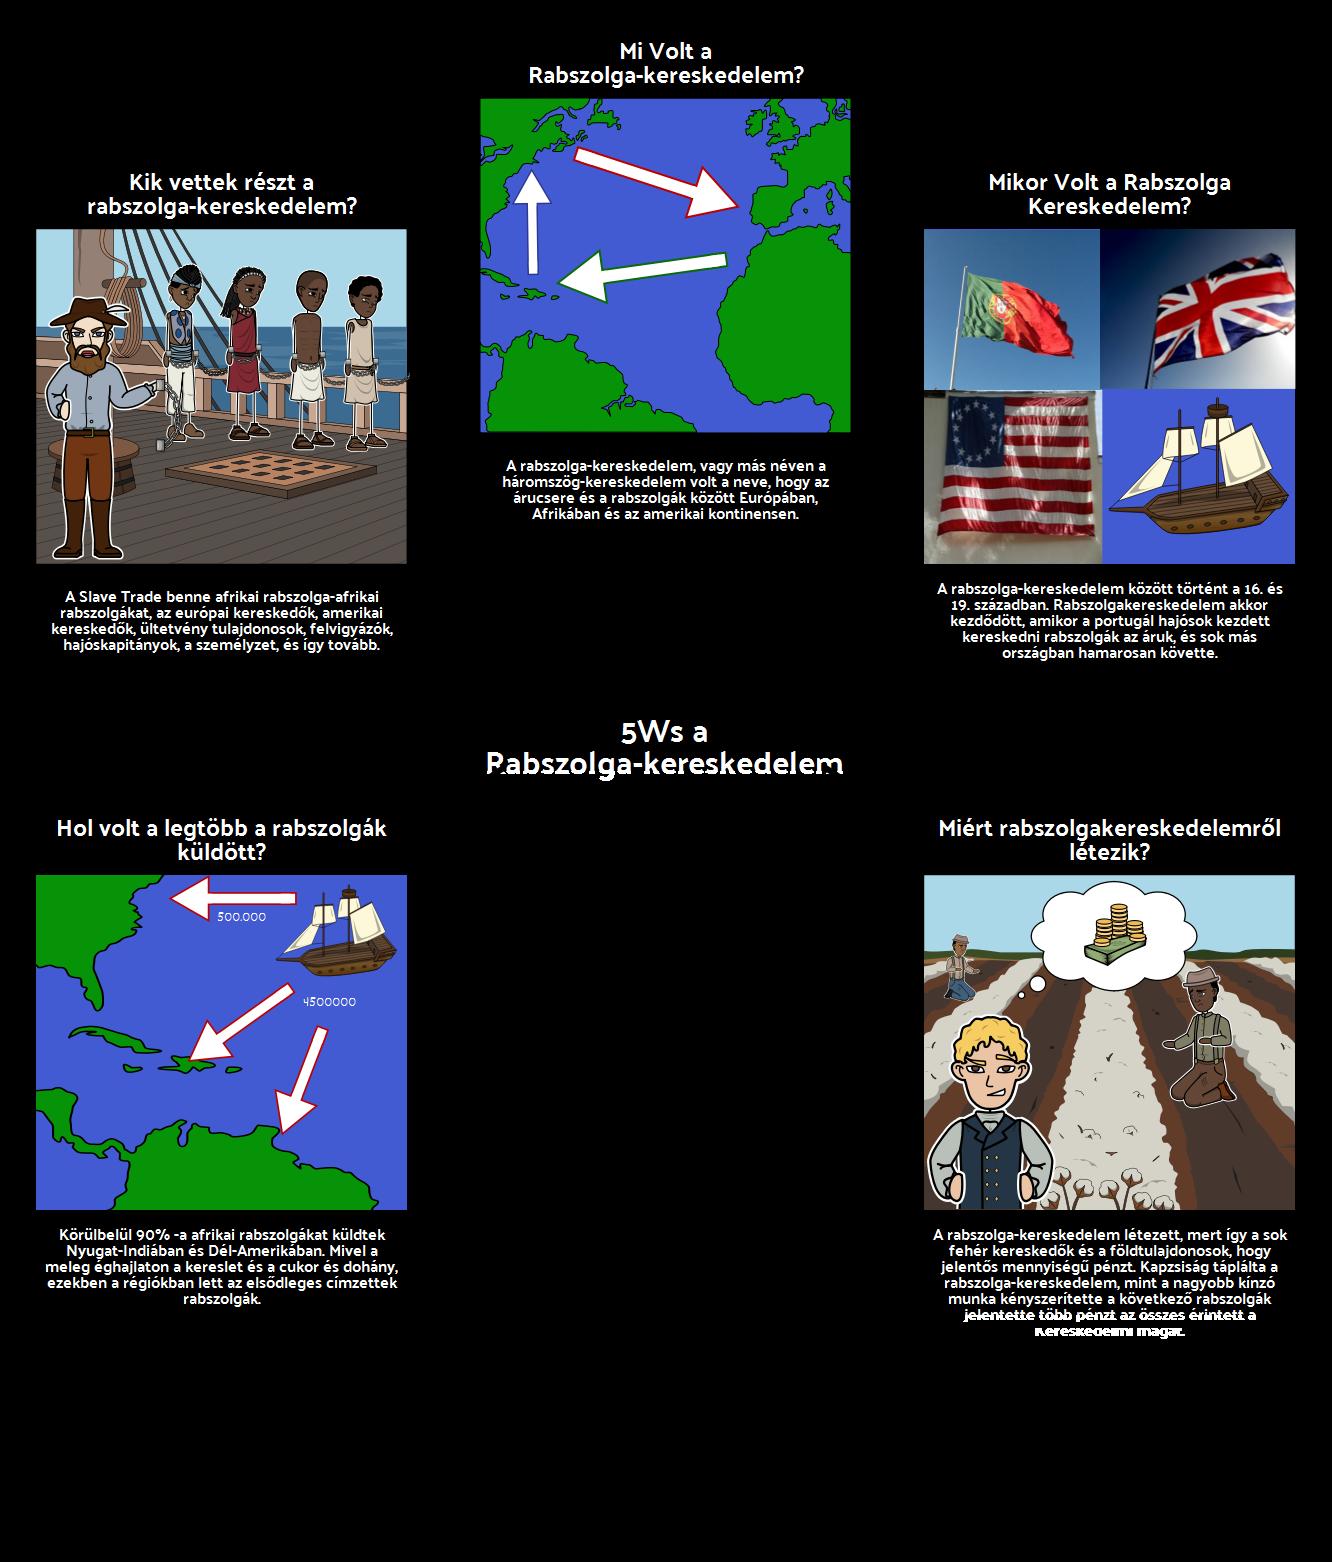 5Ws a Rabszolga-kereskedelem